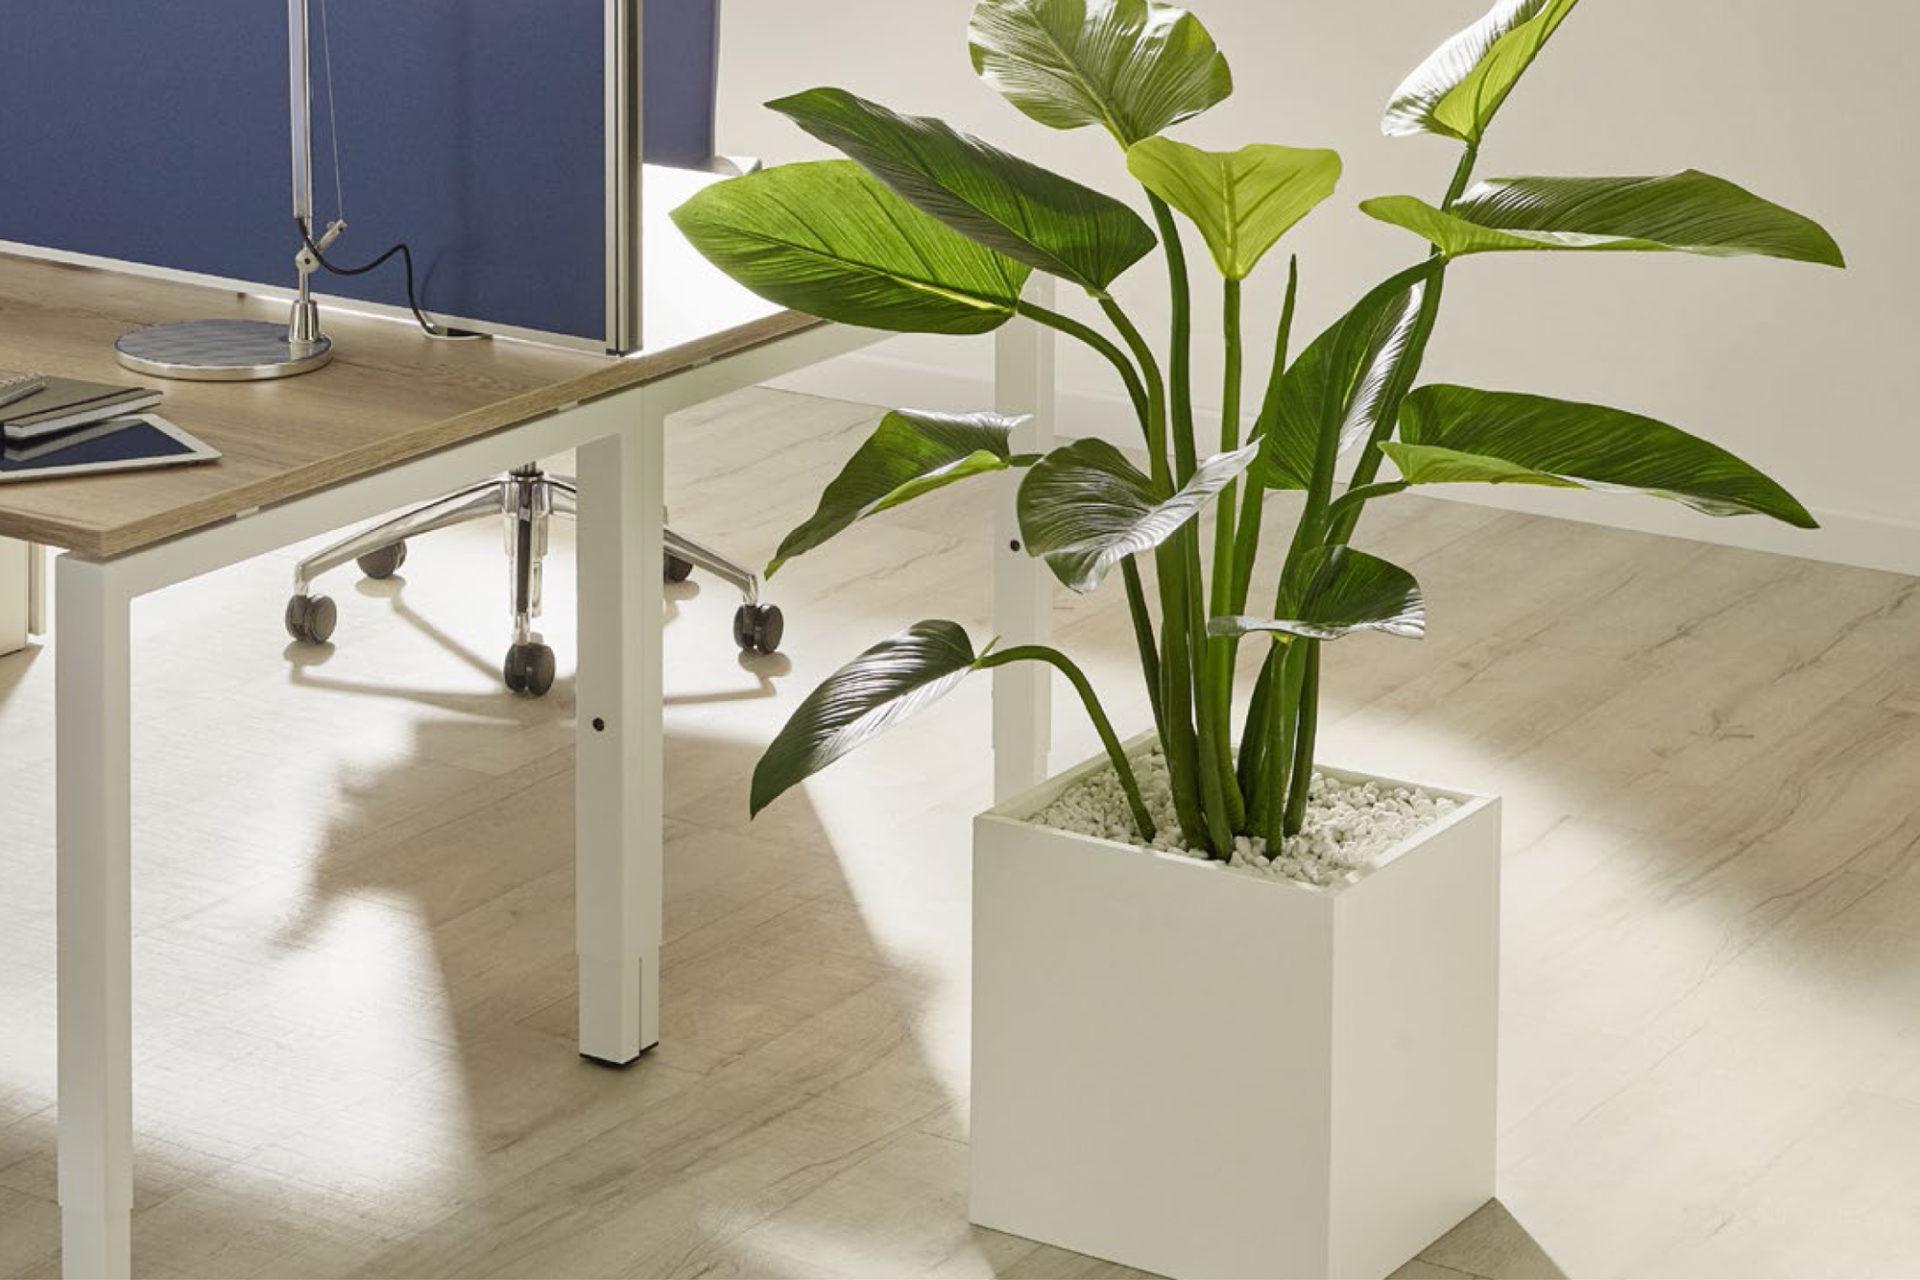 Büropflanze Kunstpflanze auf Boden vor Schreibtisch